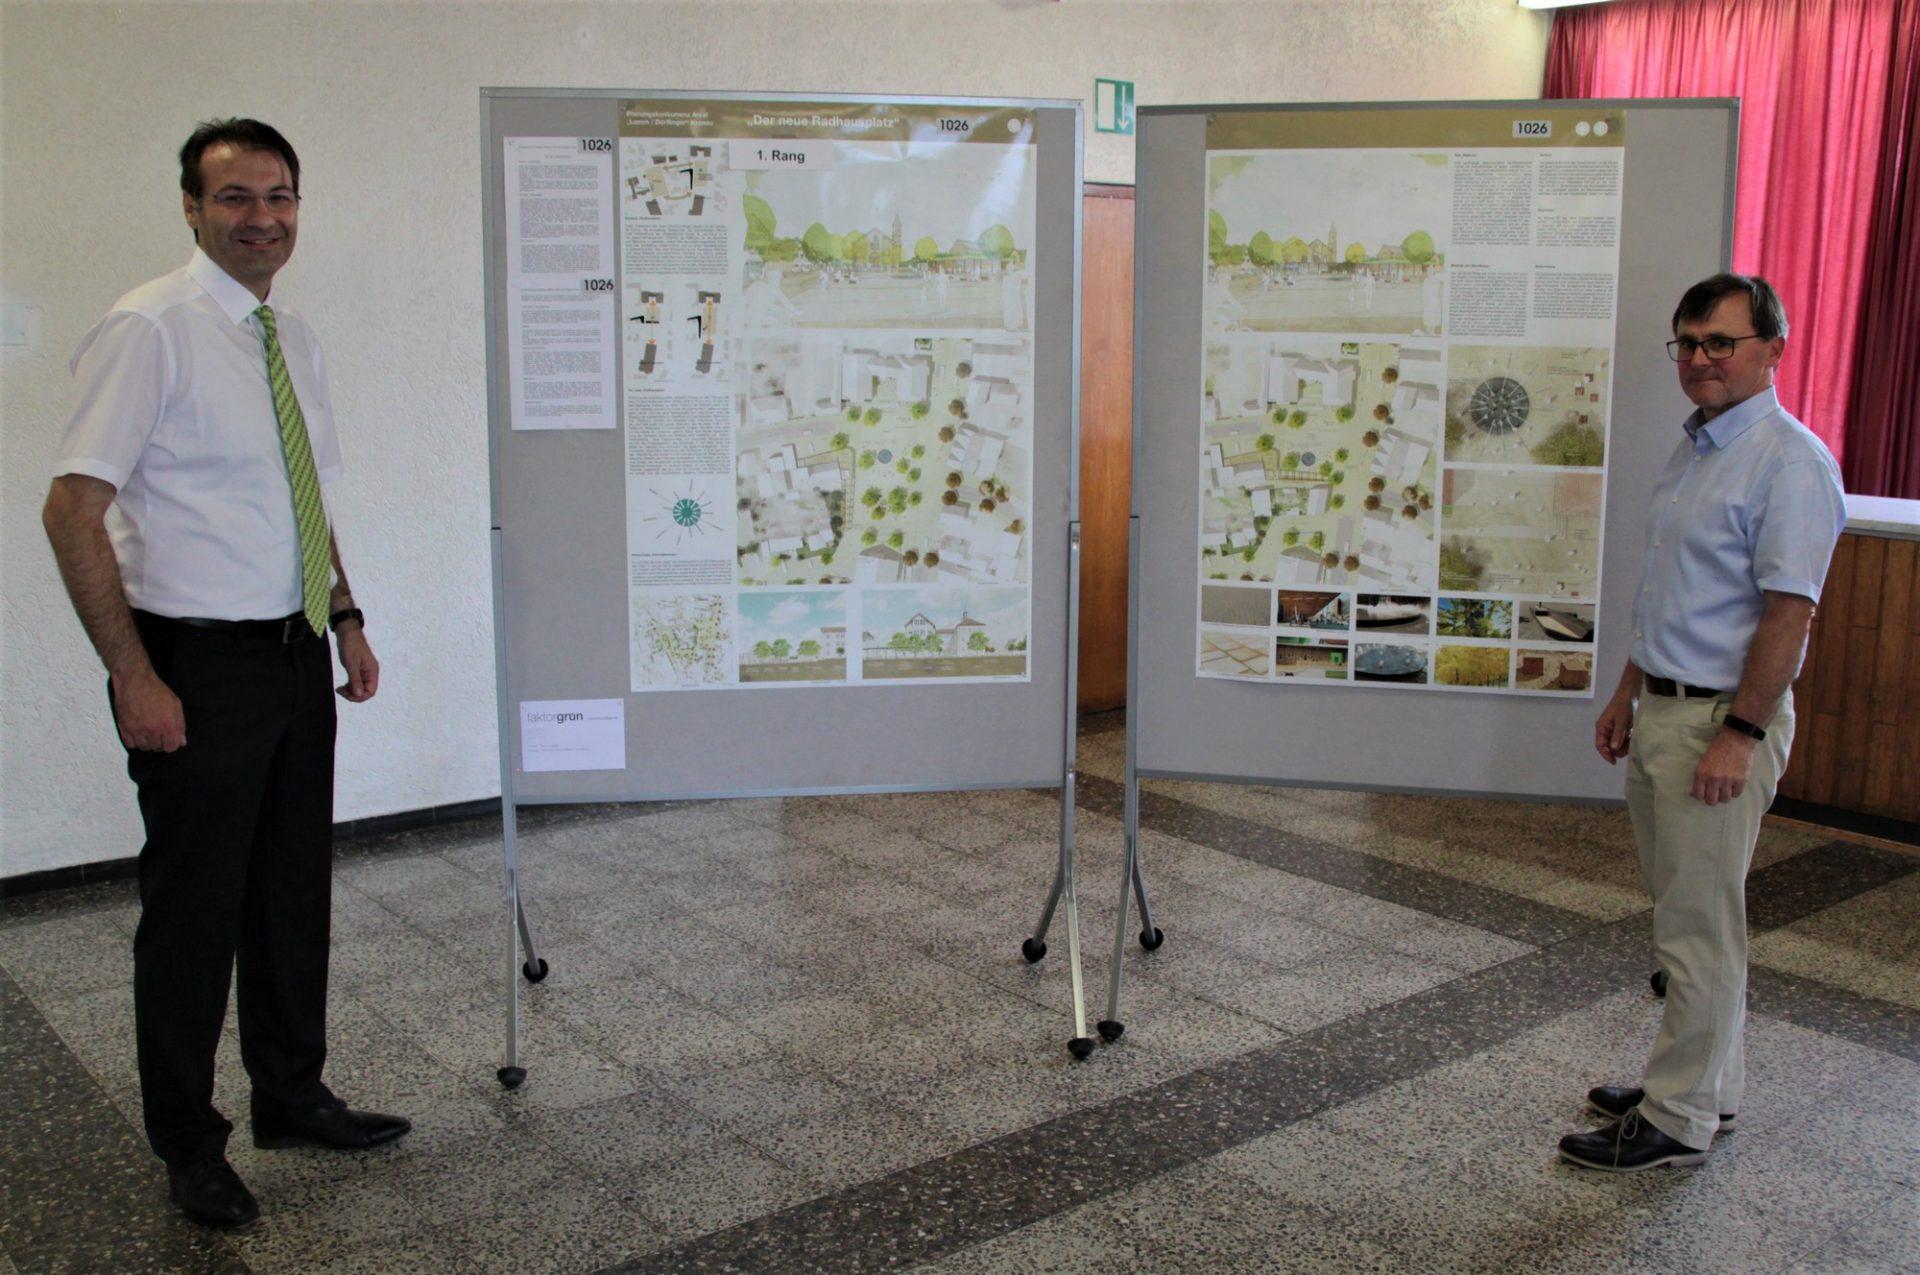 Planungskonkurrenz Kronau, Areal Lamm Siegerentwurf